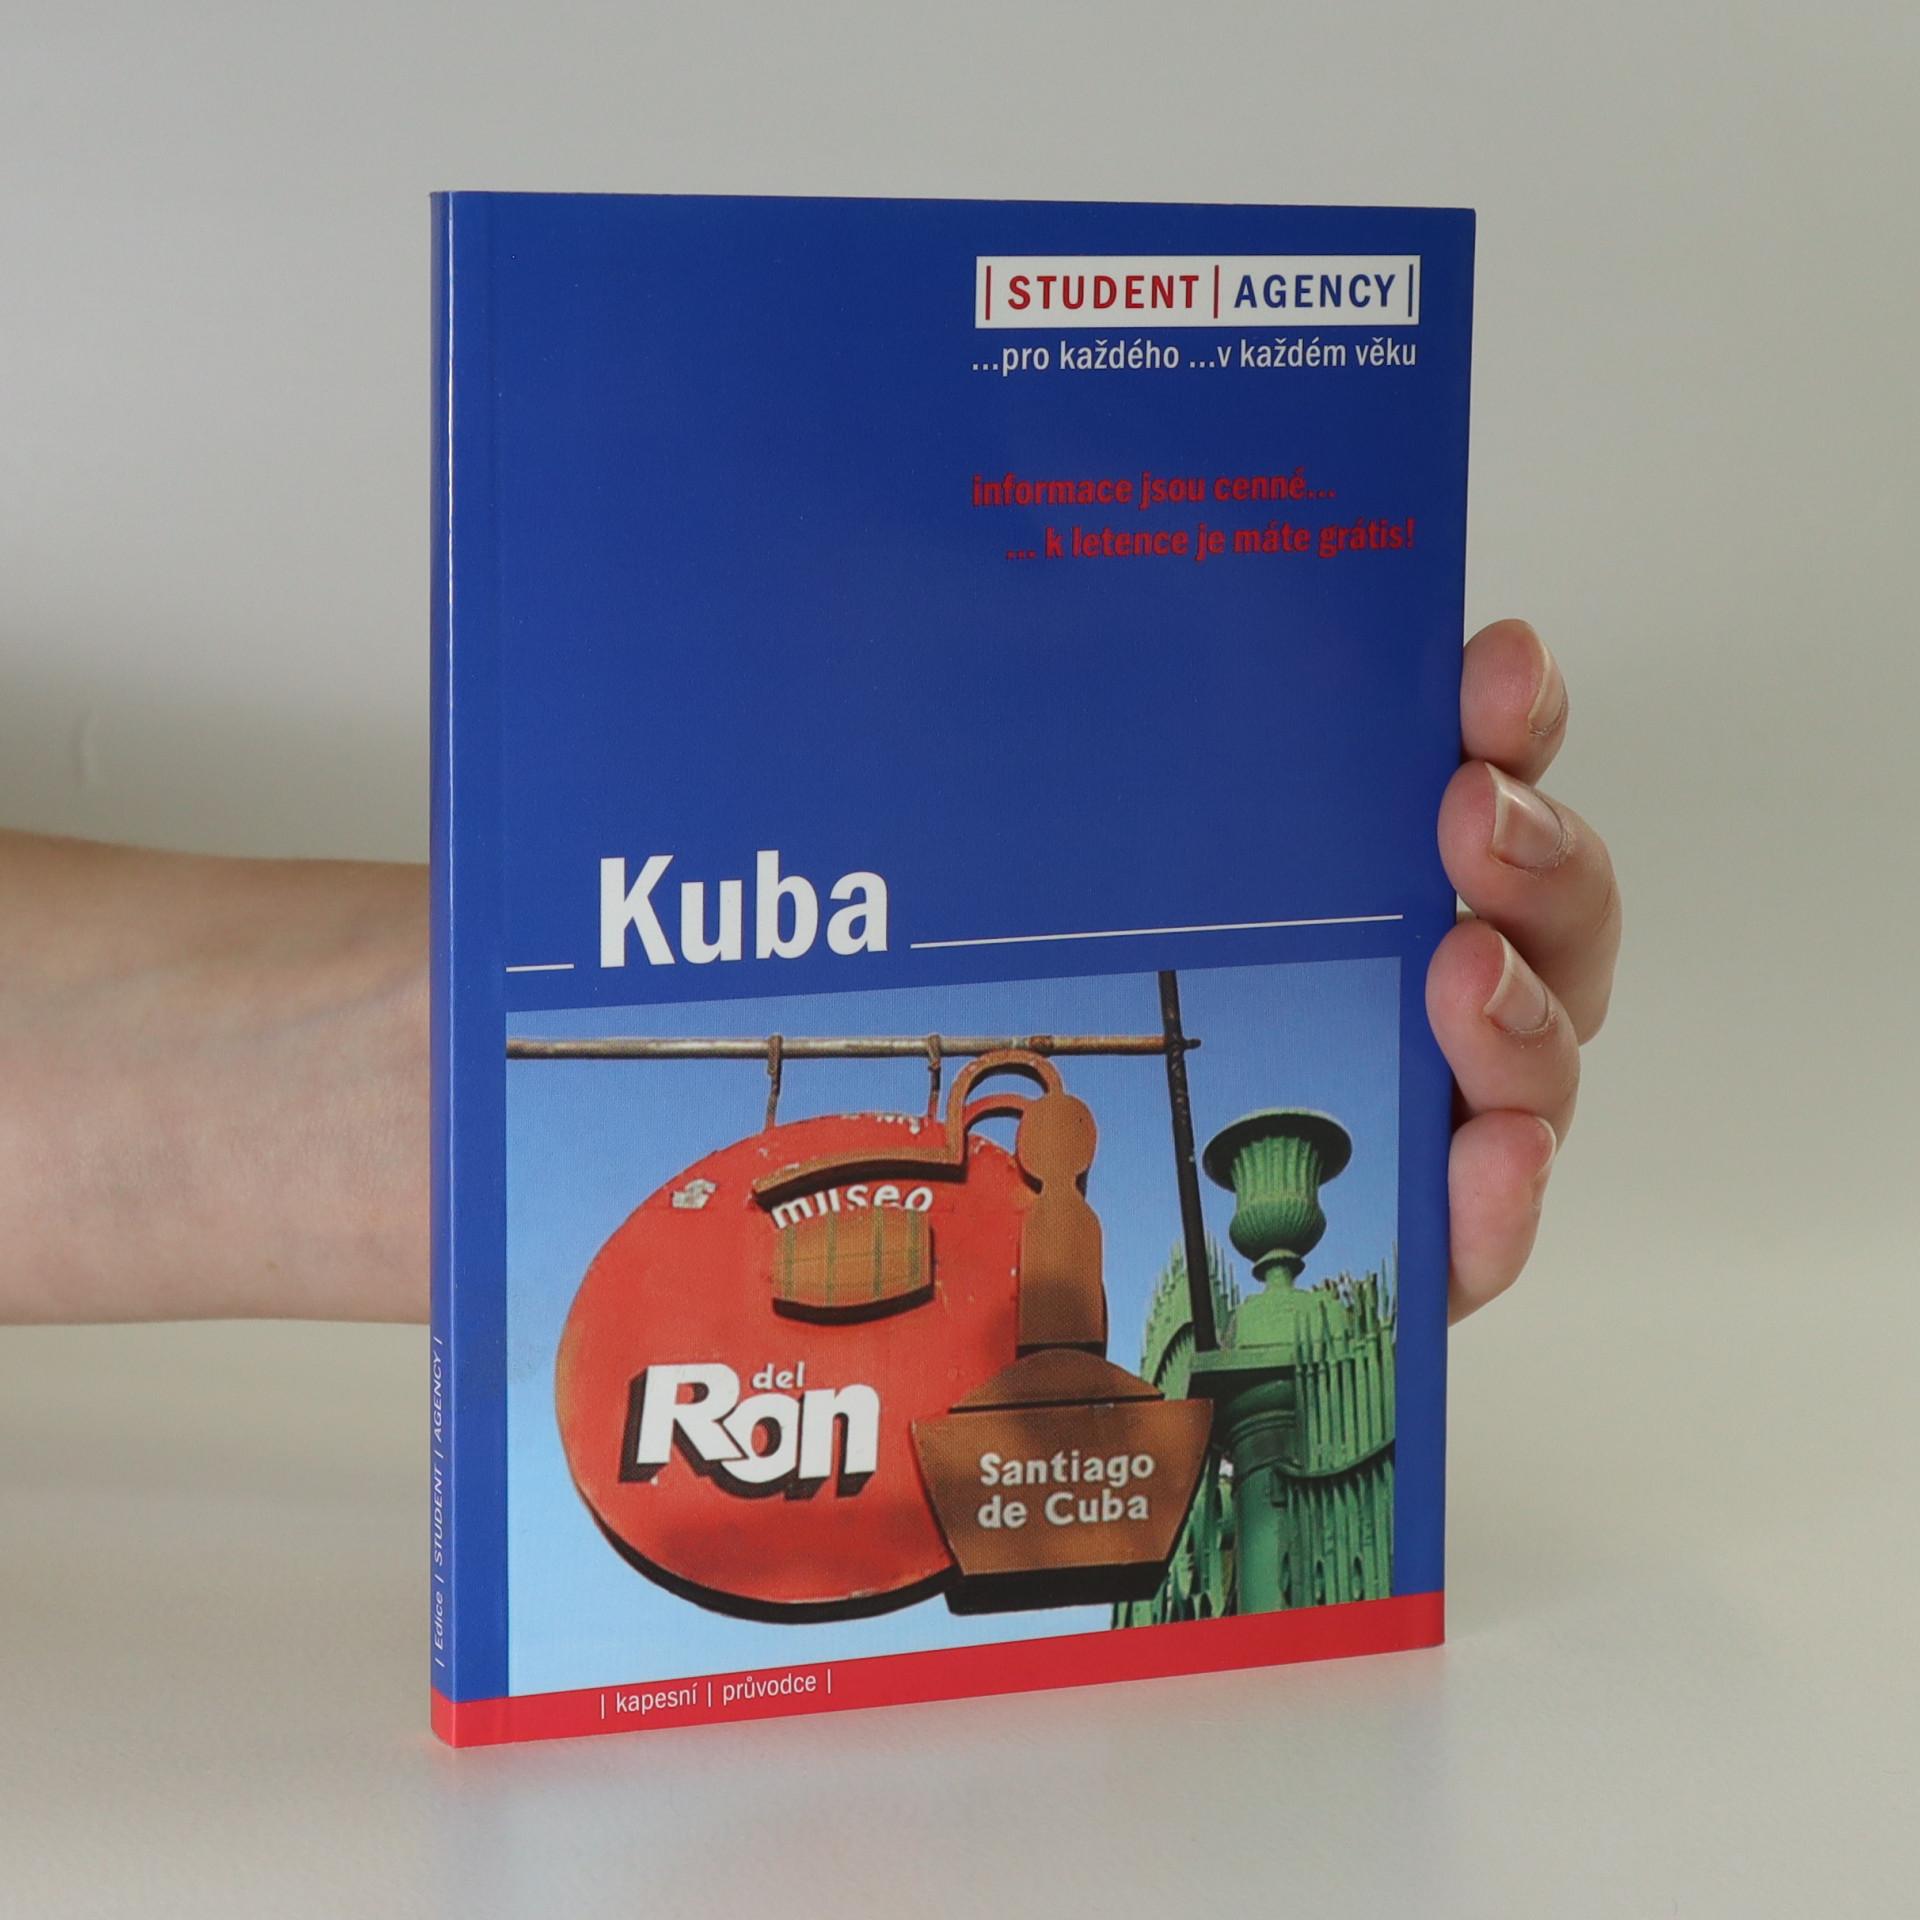 antikvární kniha Kuba, 2008